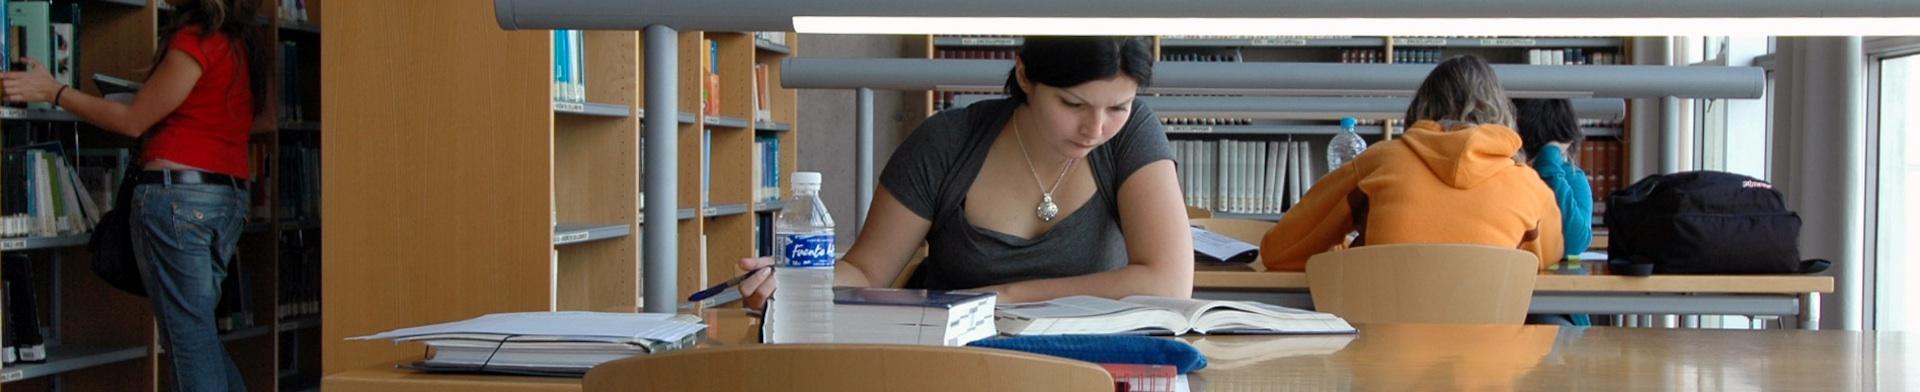 Vista del interior de una biblioteca luminosa con mujer estudiando en primer plano ante una mesa tomando notas ante libros. Al fondo, otras personas estudiando o de pie ante las estanterías.